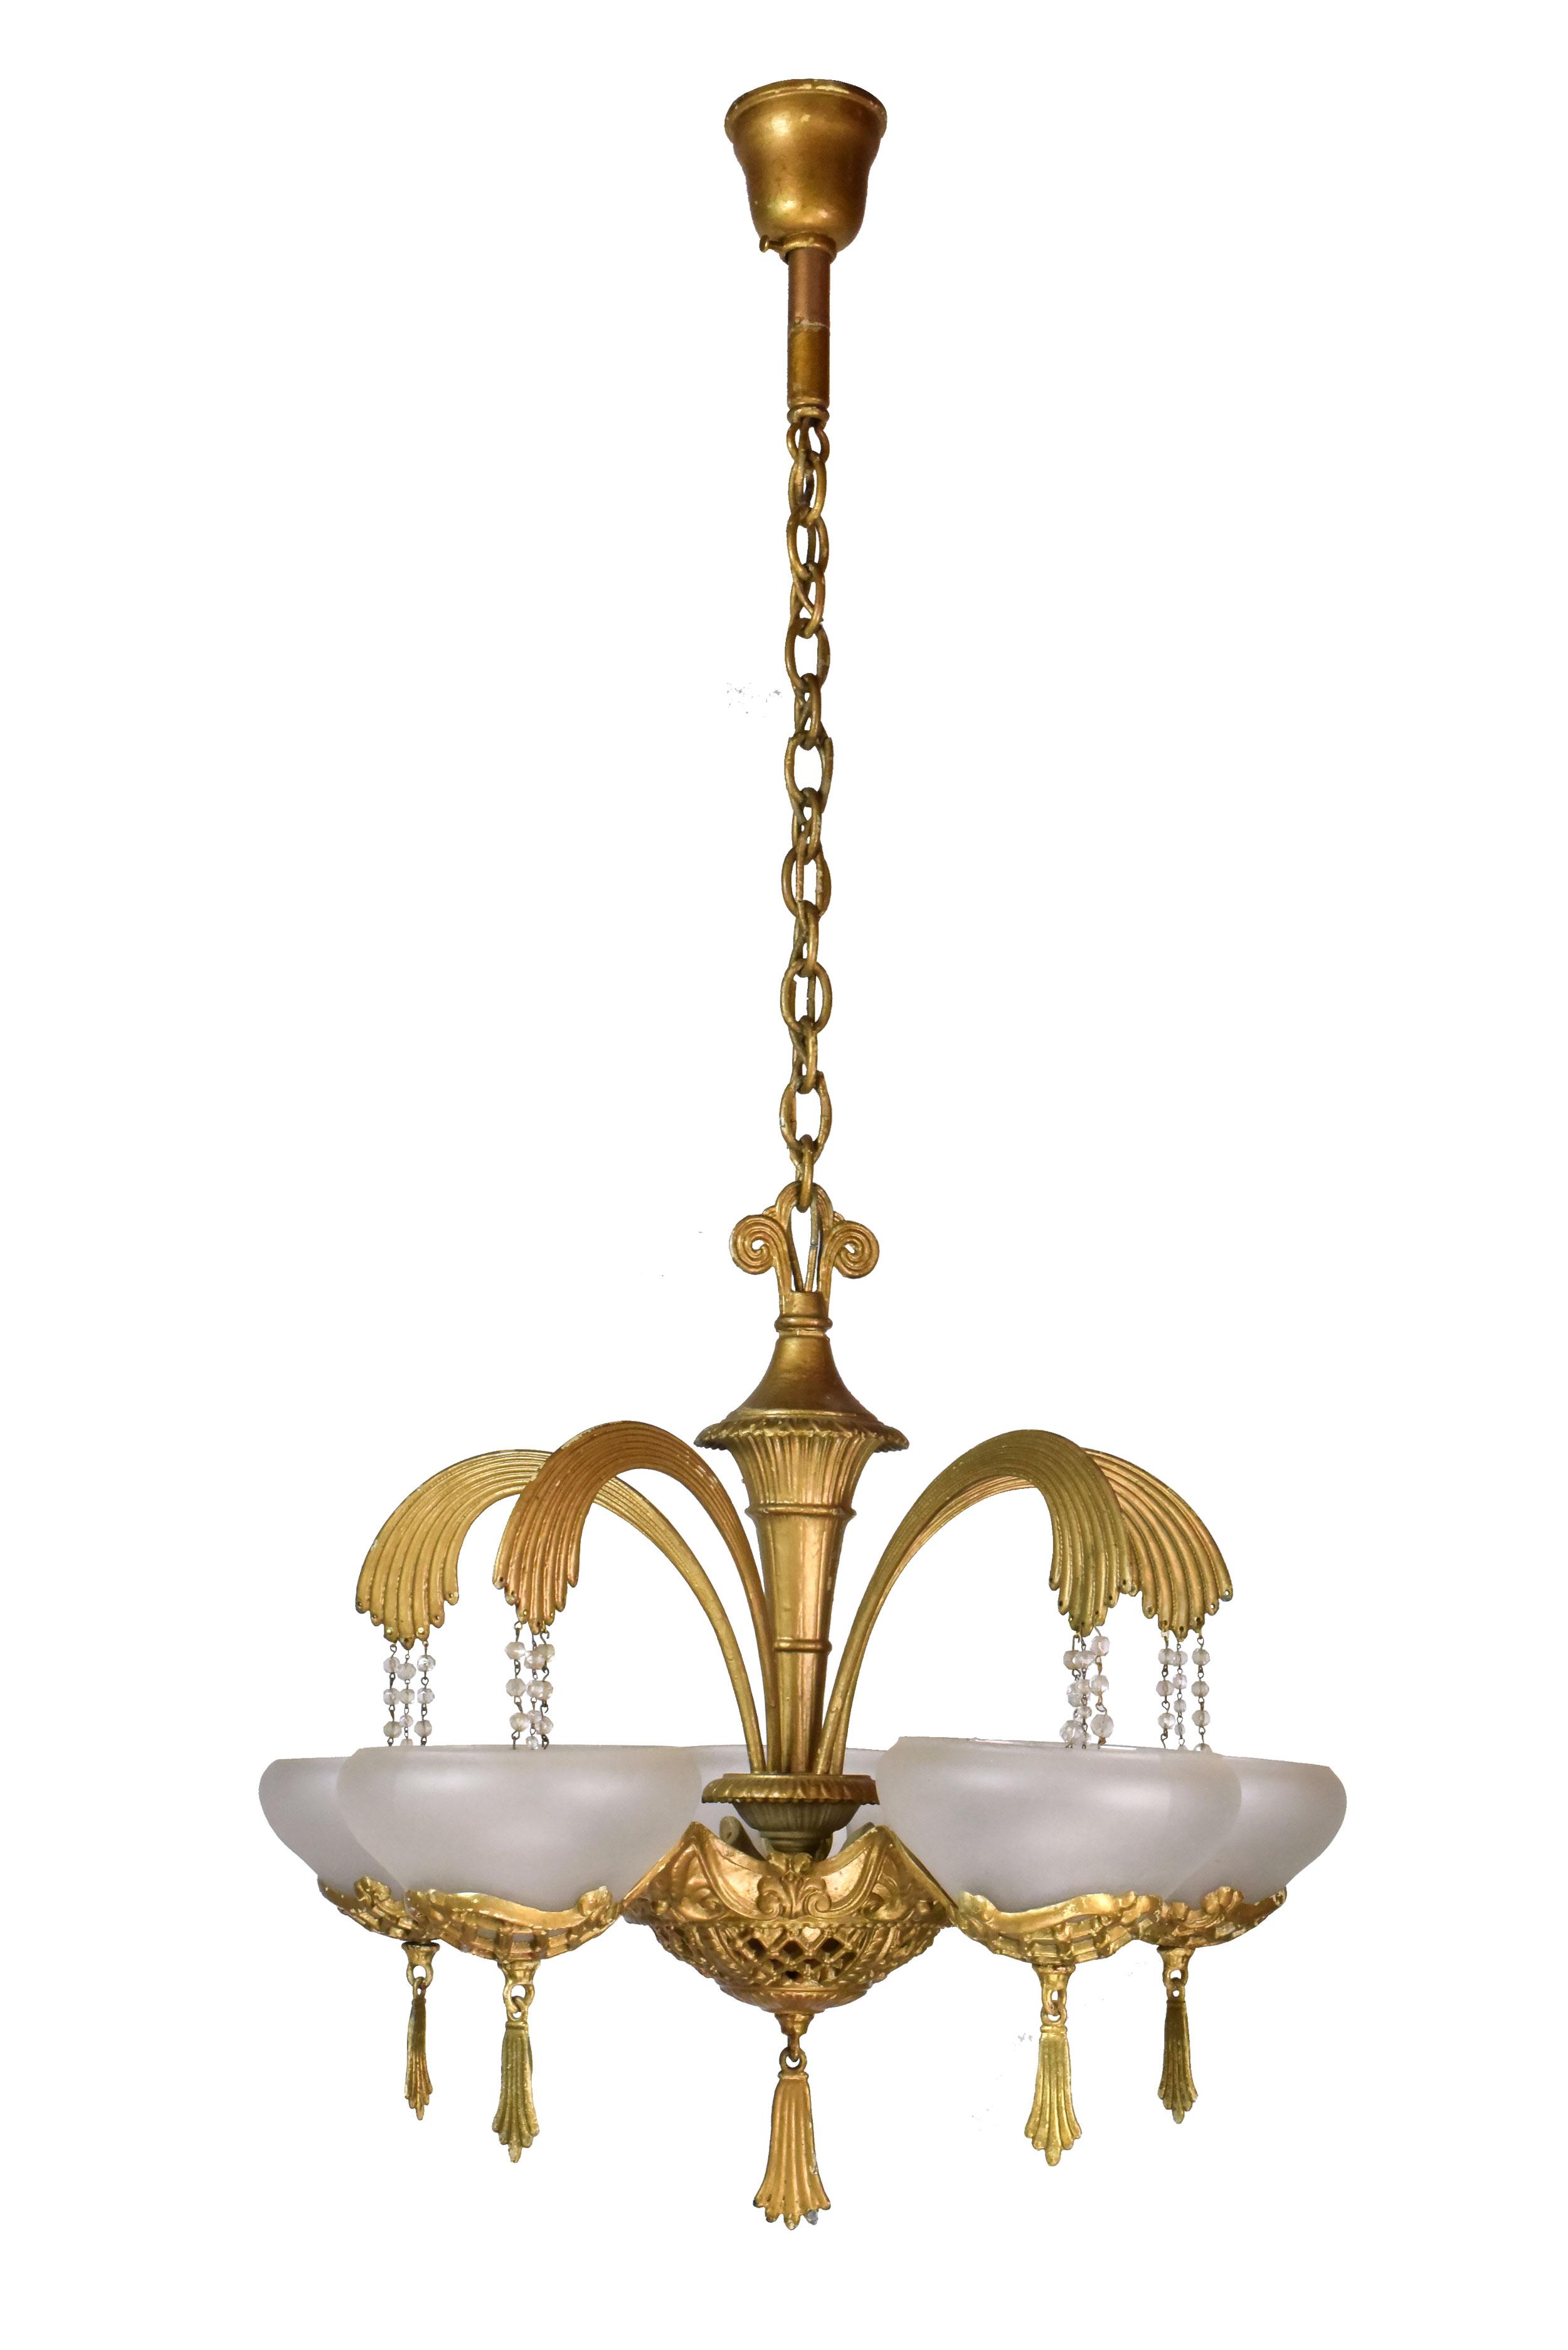 Architectural Antique's Art Deco Five Arm Brass Chandelier